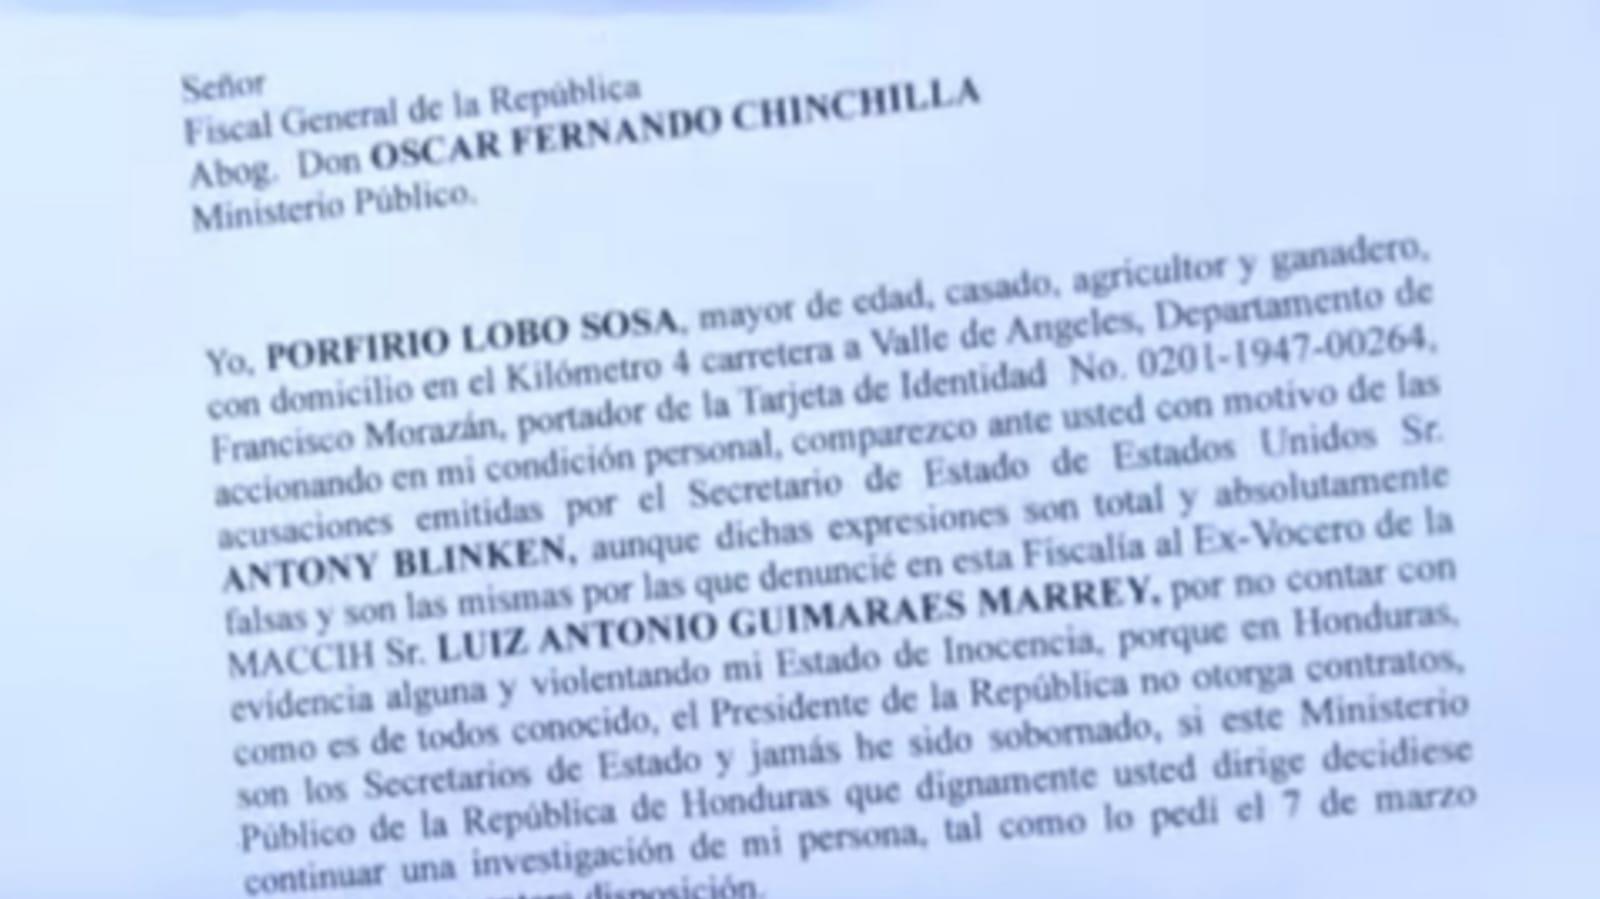 expresidente Porfirio Lobo Sosa